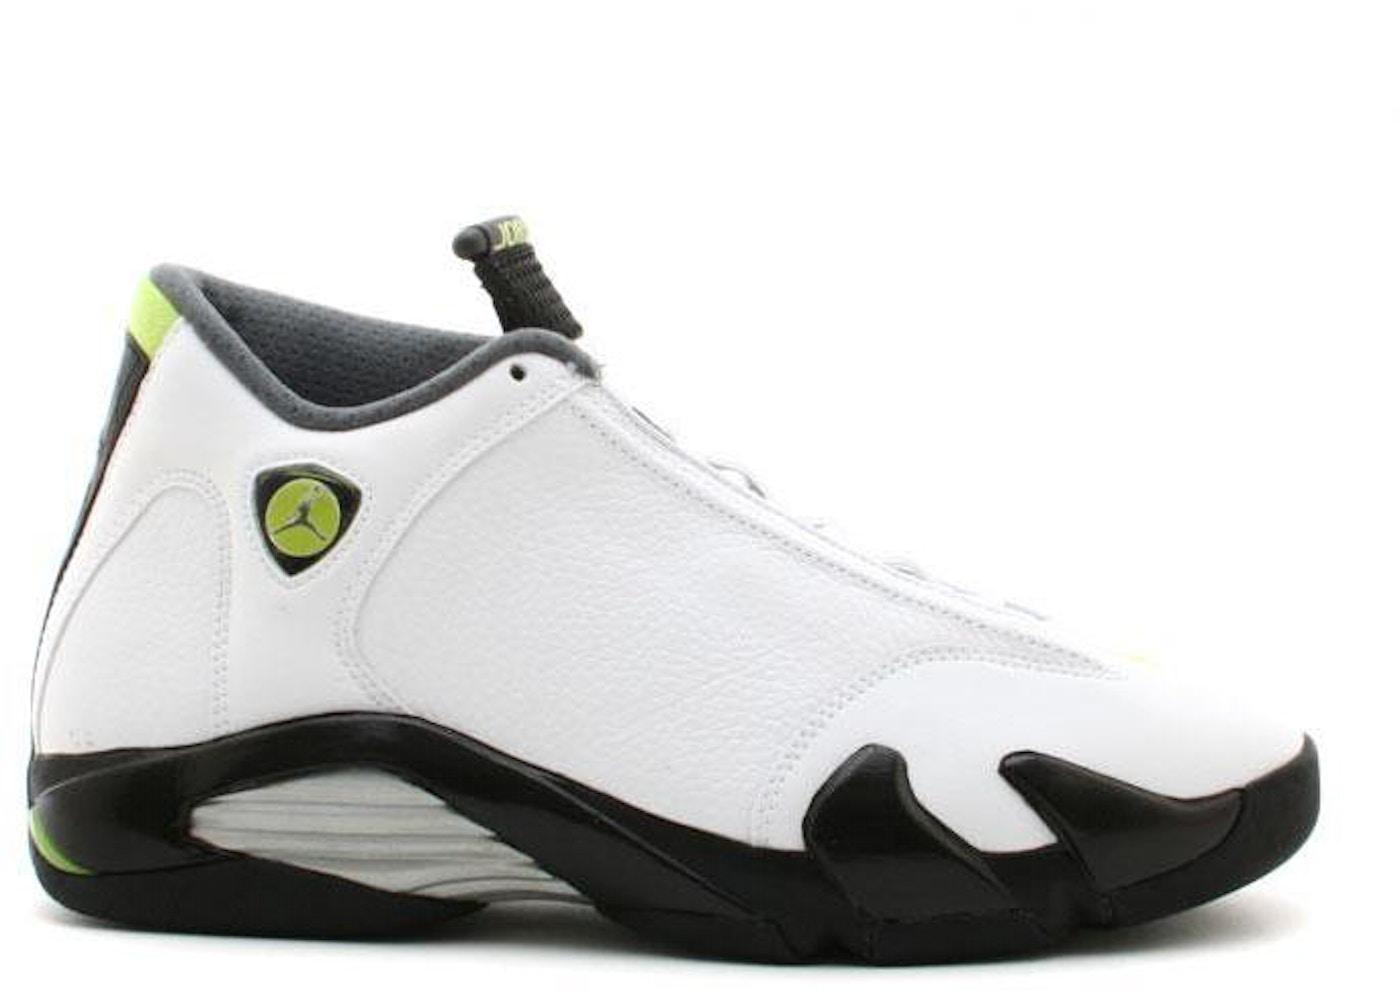 san francisco 10d0c 9c6e2 Jordan 14 Retro White Chartreuse